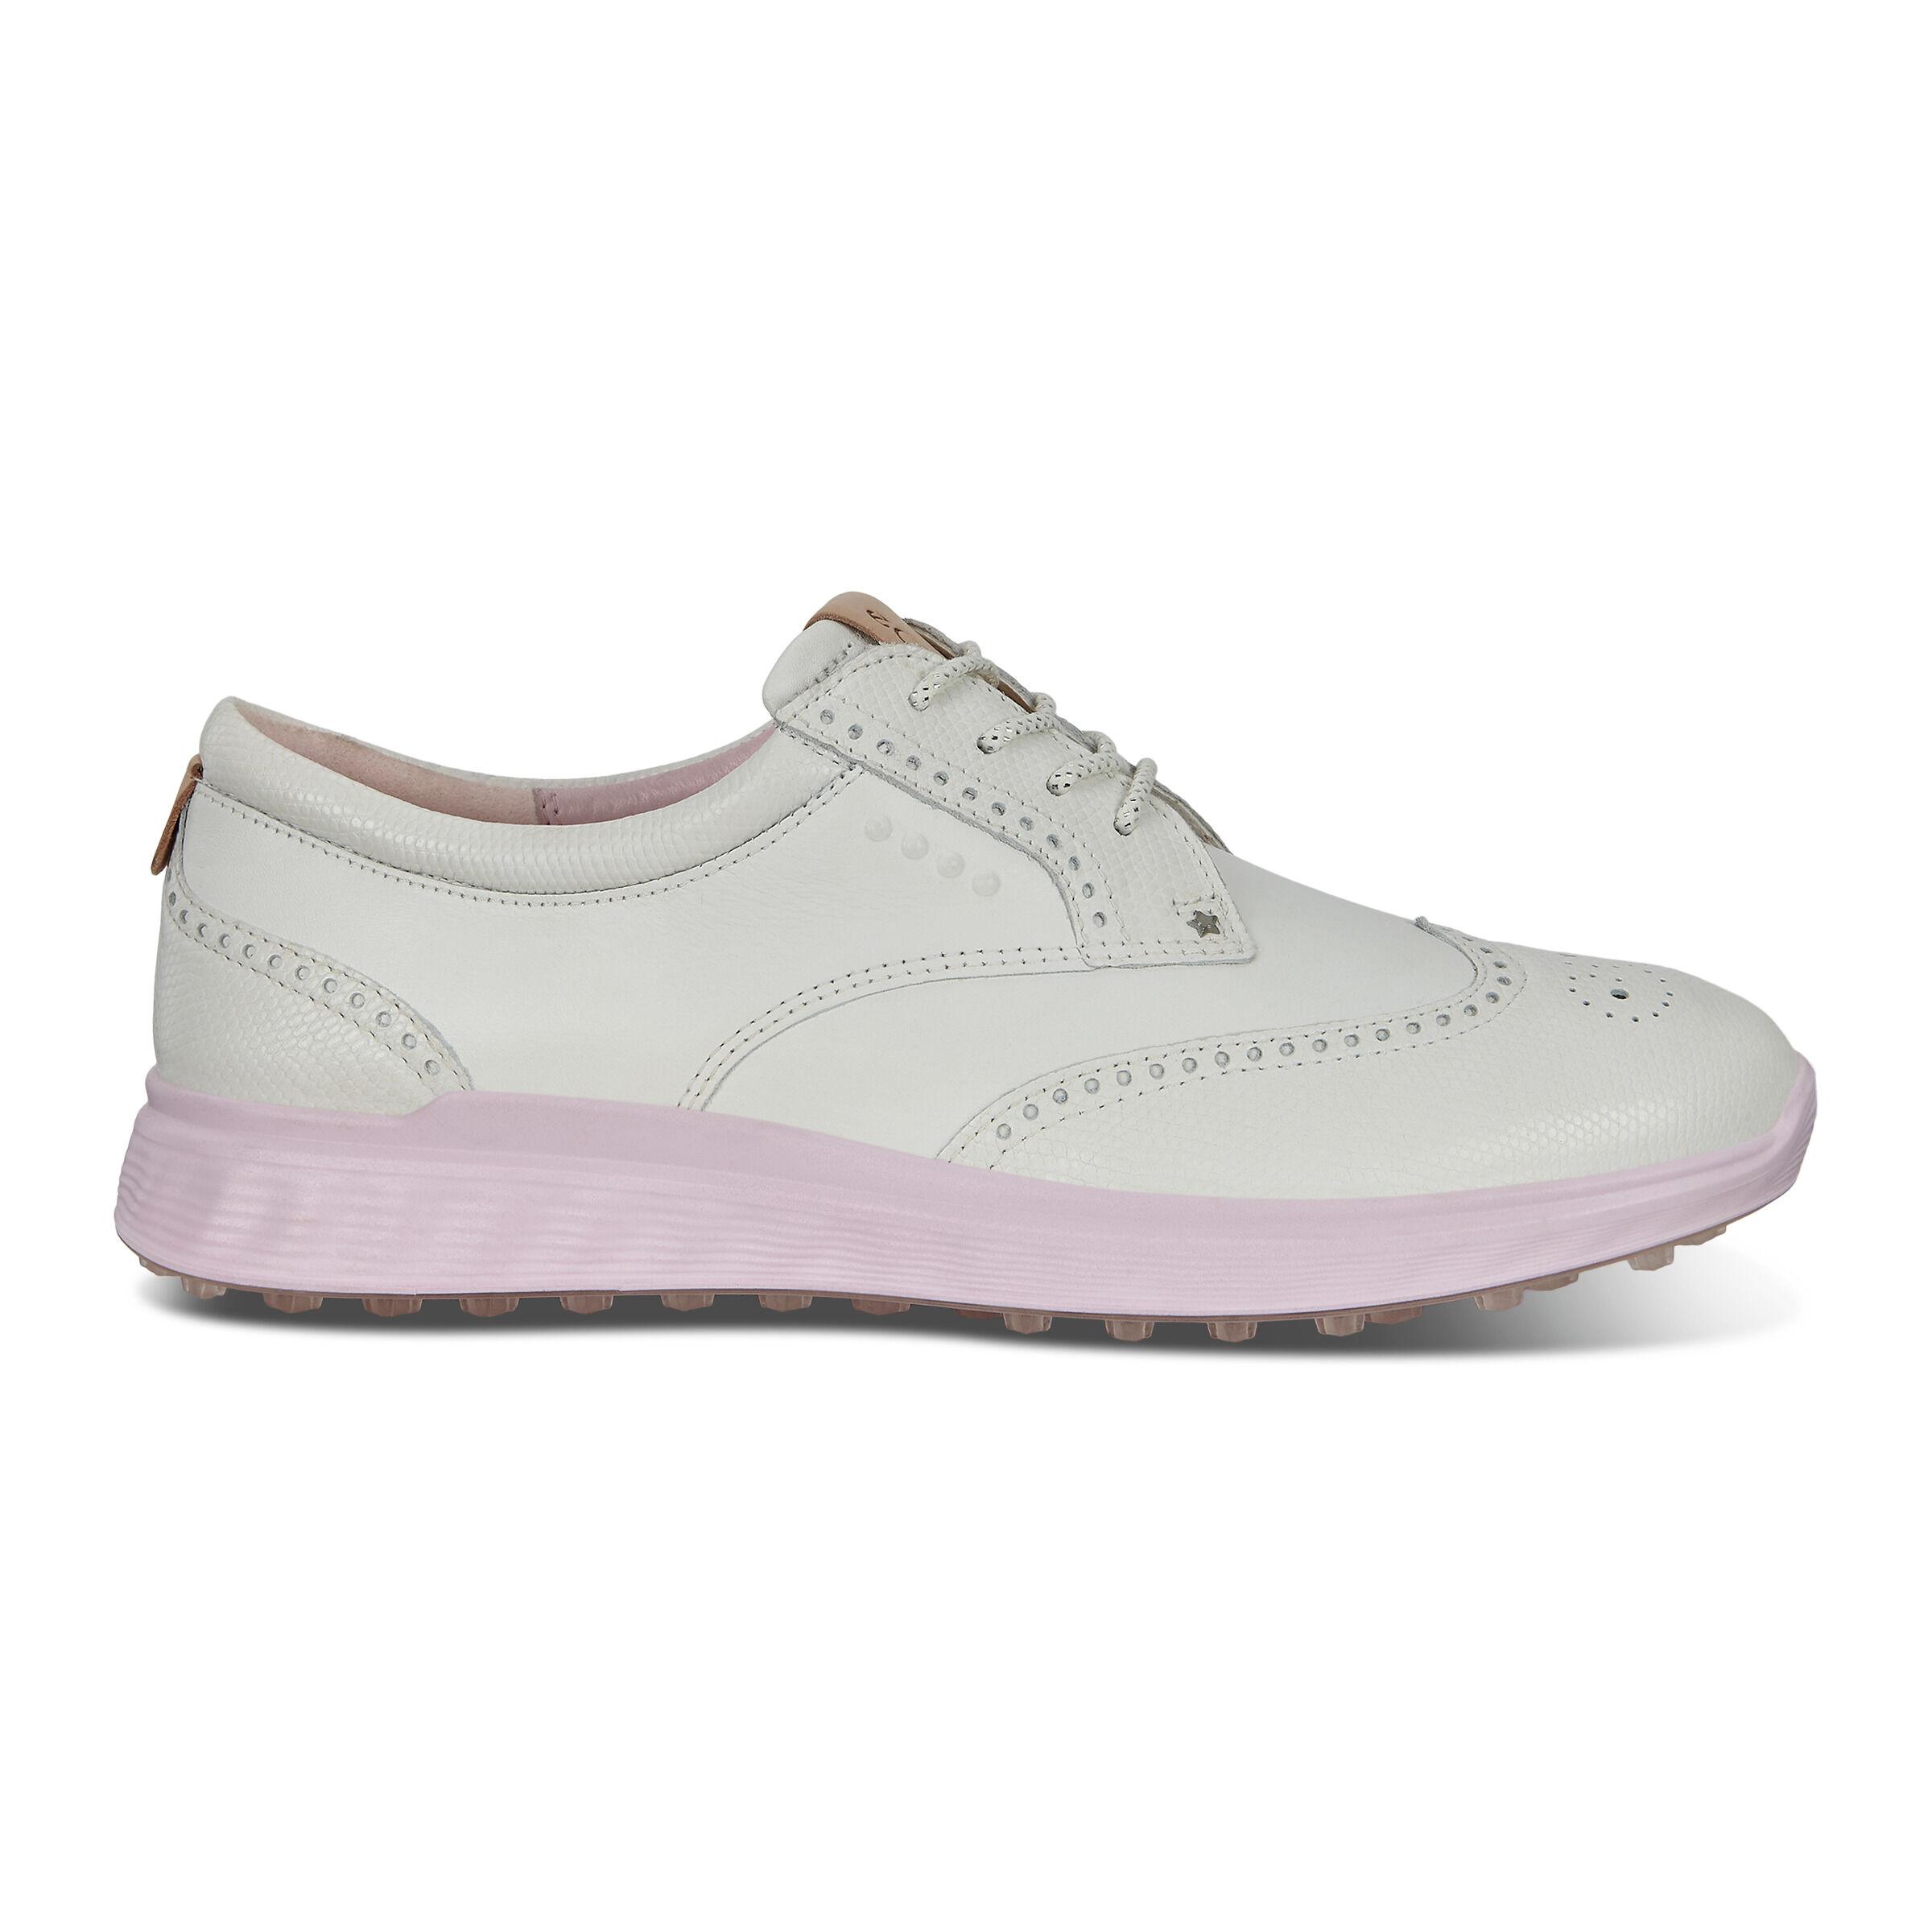 에코 에스-클래식 여성 골프화 ECCO Womens Spikeless Golf S-Classic Shoes,white